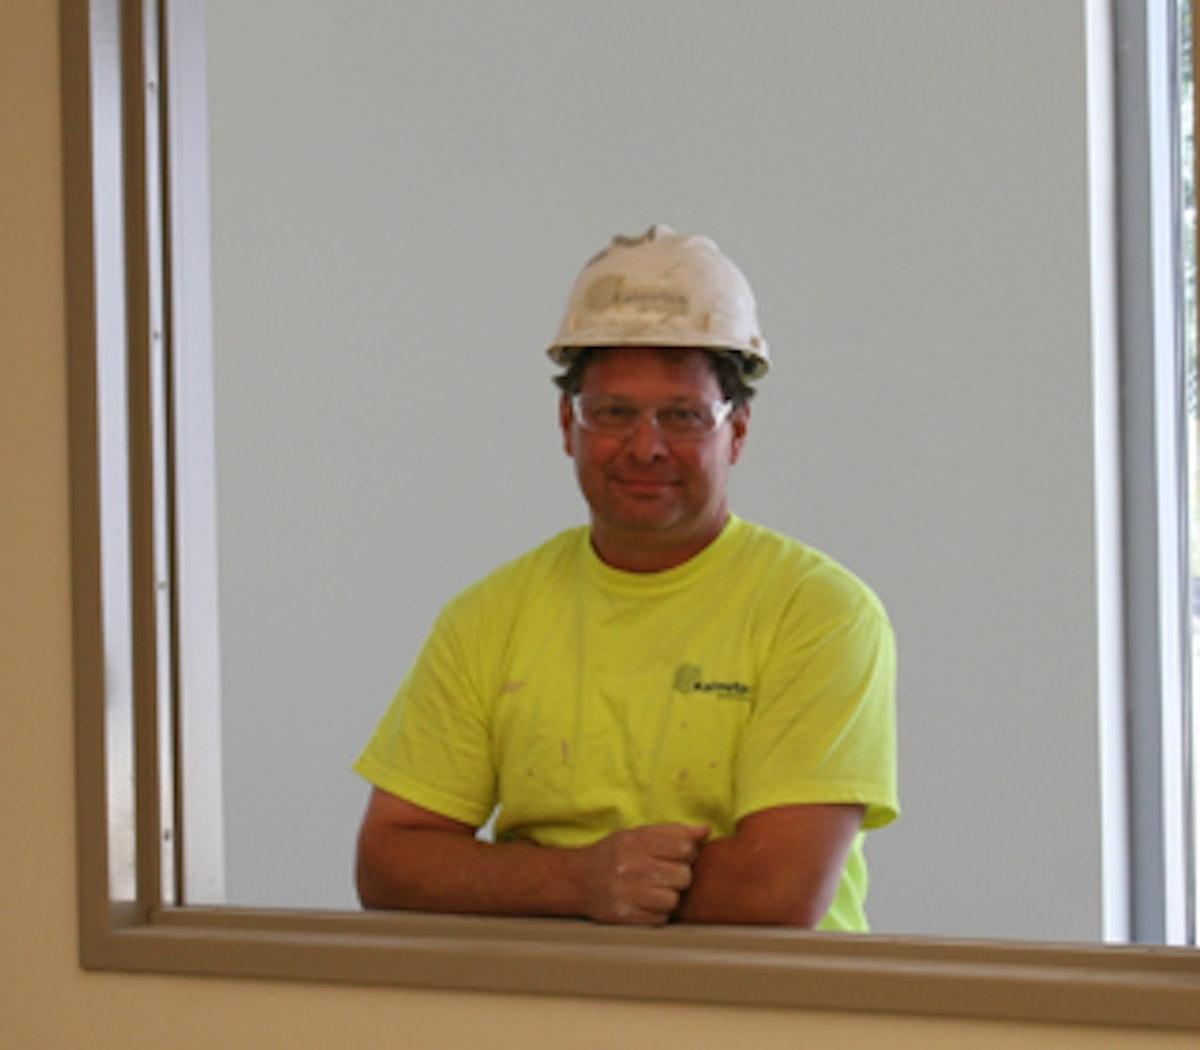 Employee Spotlight: Mike Ward - Foreman